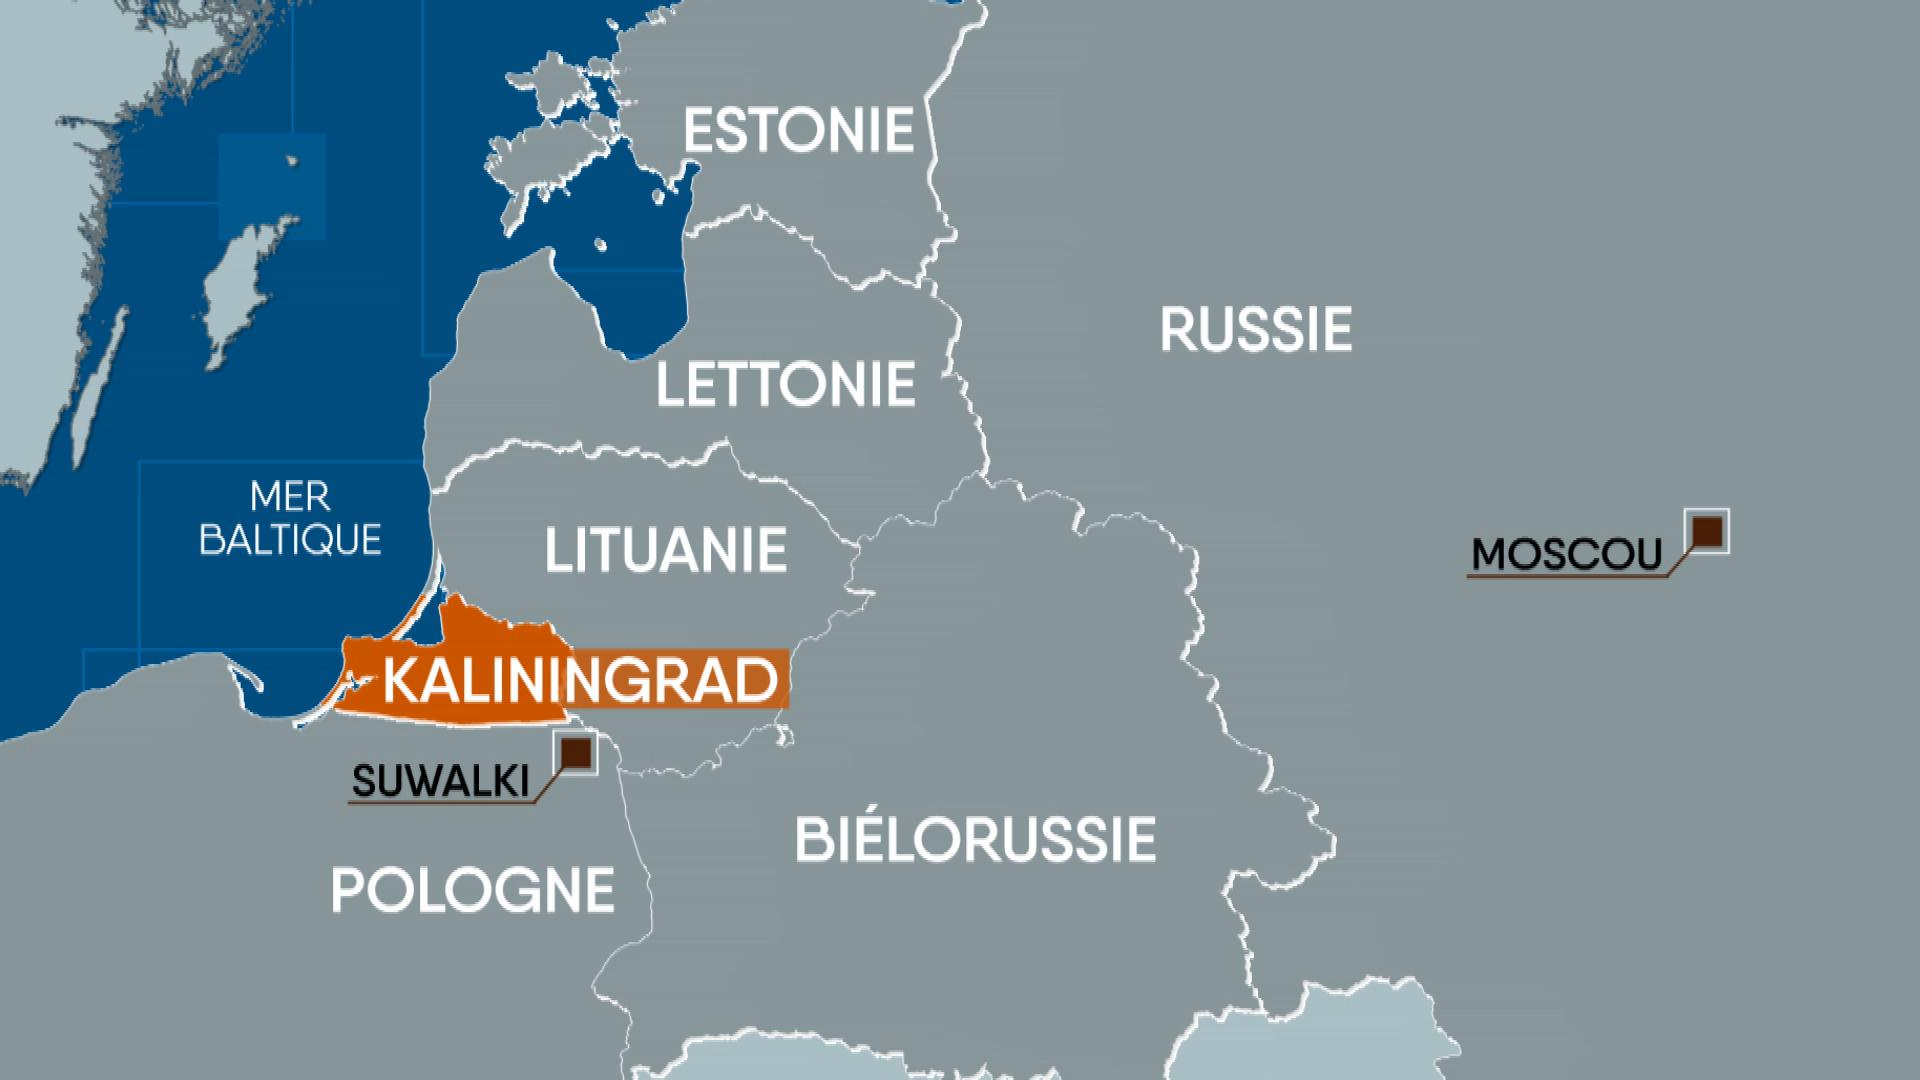 kaliningrad pourrait tre le d tonateur d 39 un prochain conflit mondial monde. Black Bedroom Furniture Sets. Home Design Ideas